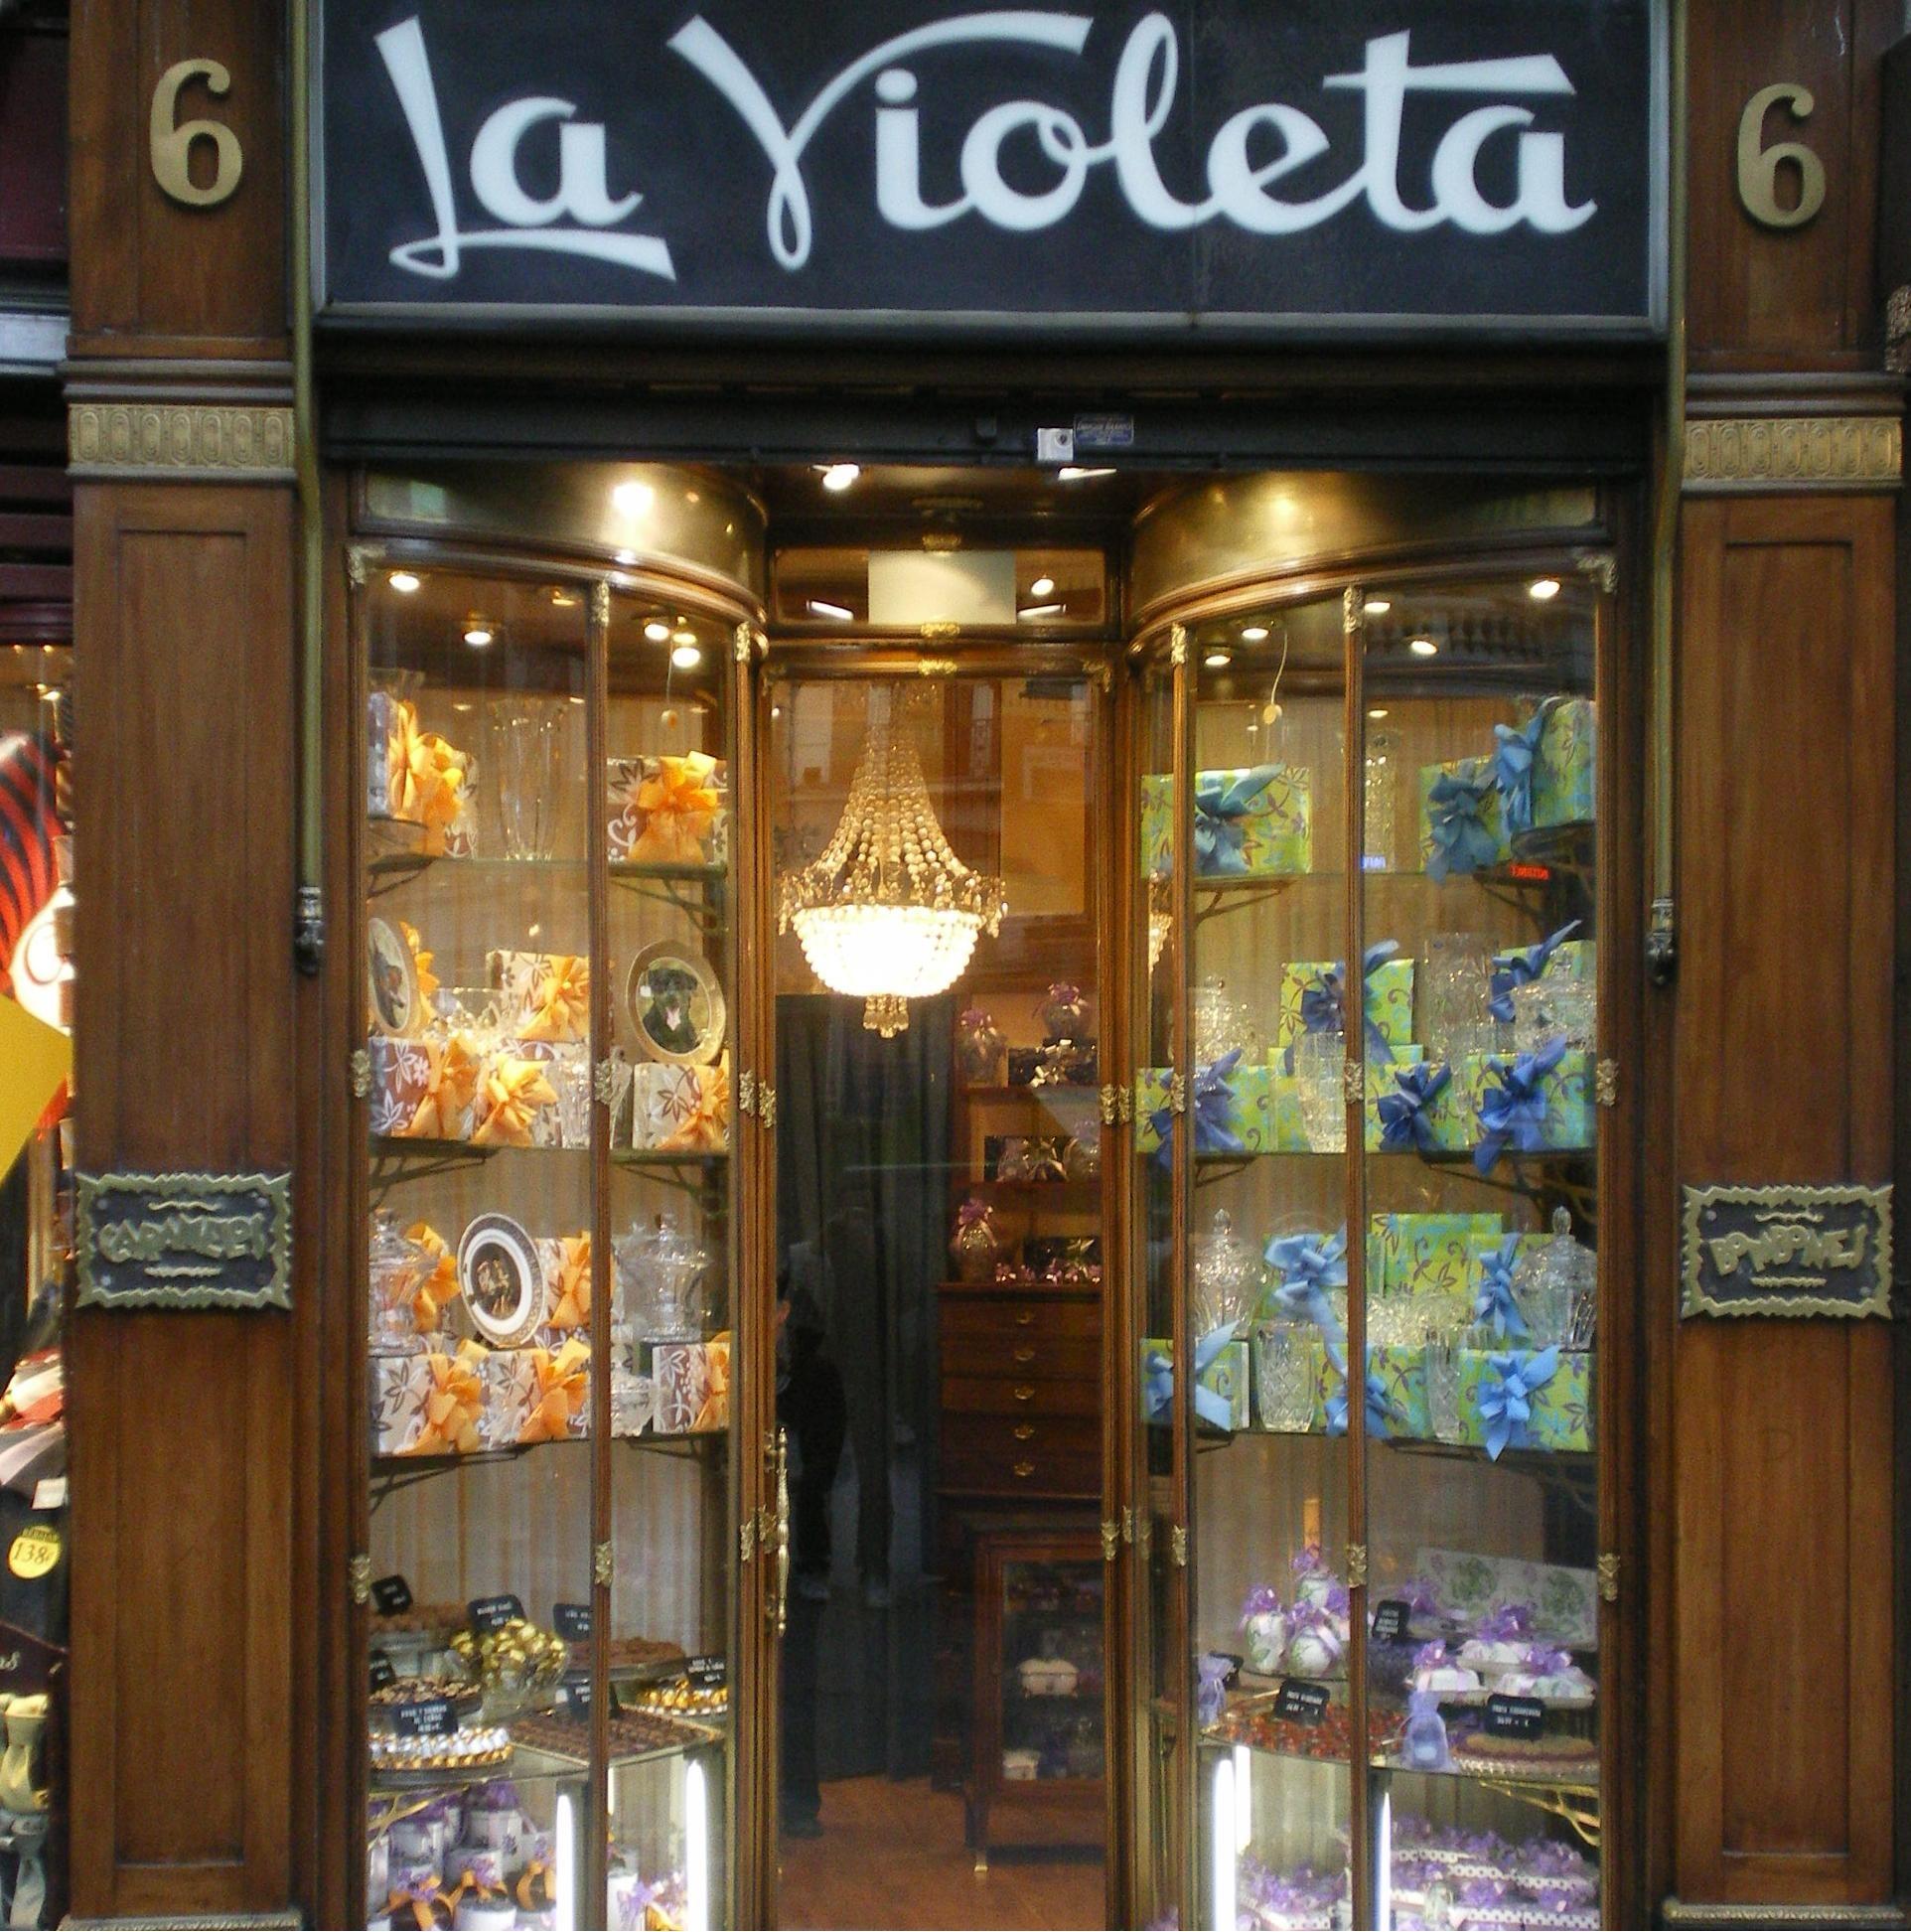 Tienda de caramelos cerca de la puerta del sol madrid for Libreria puerta del sol